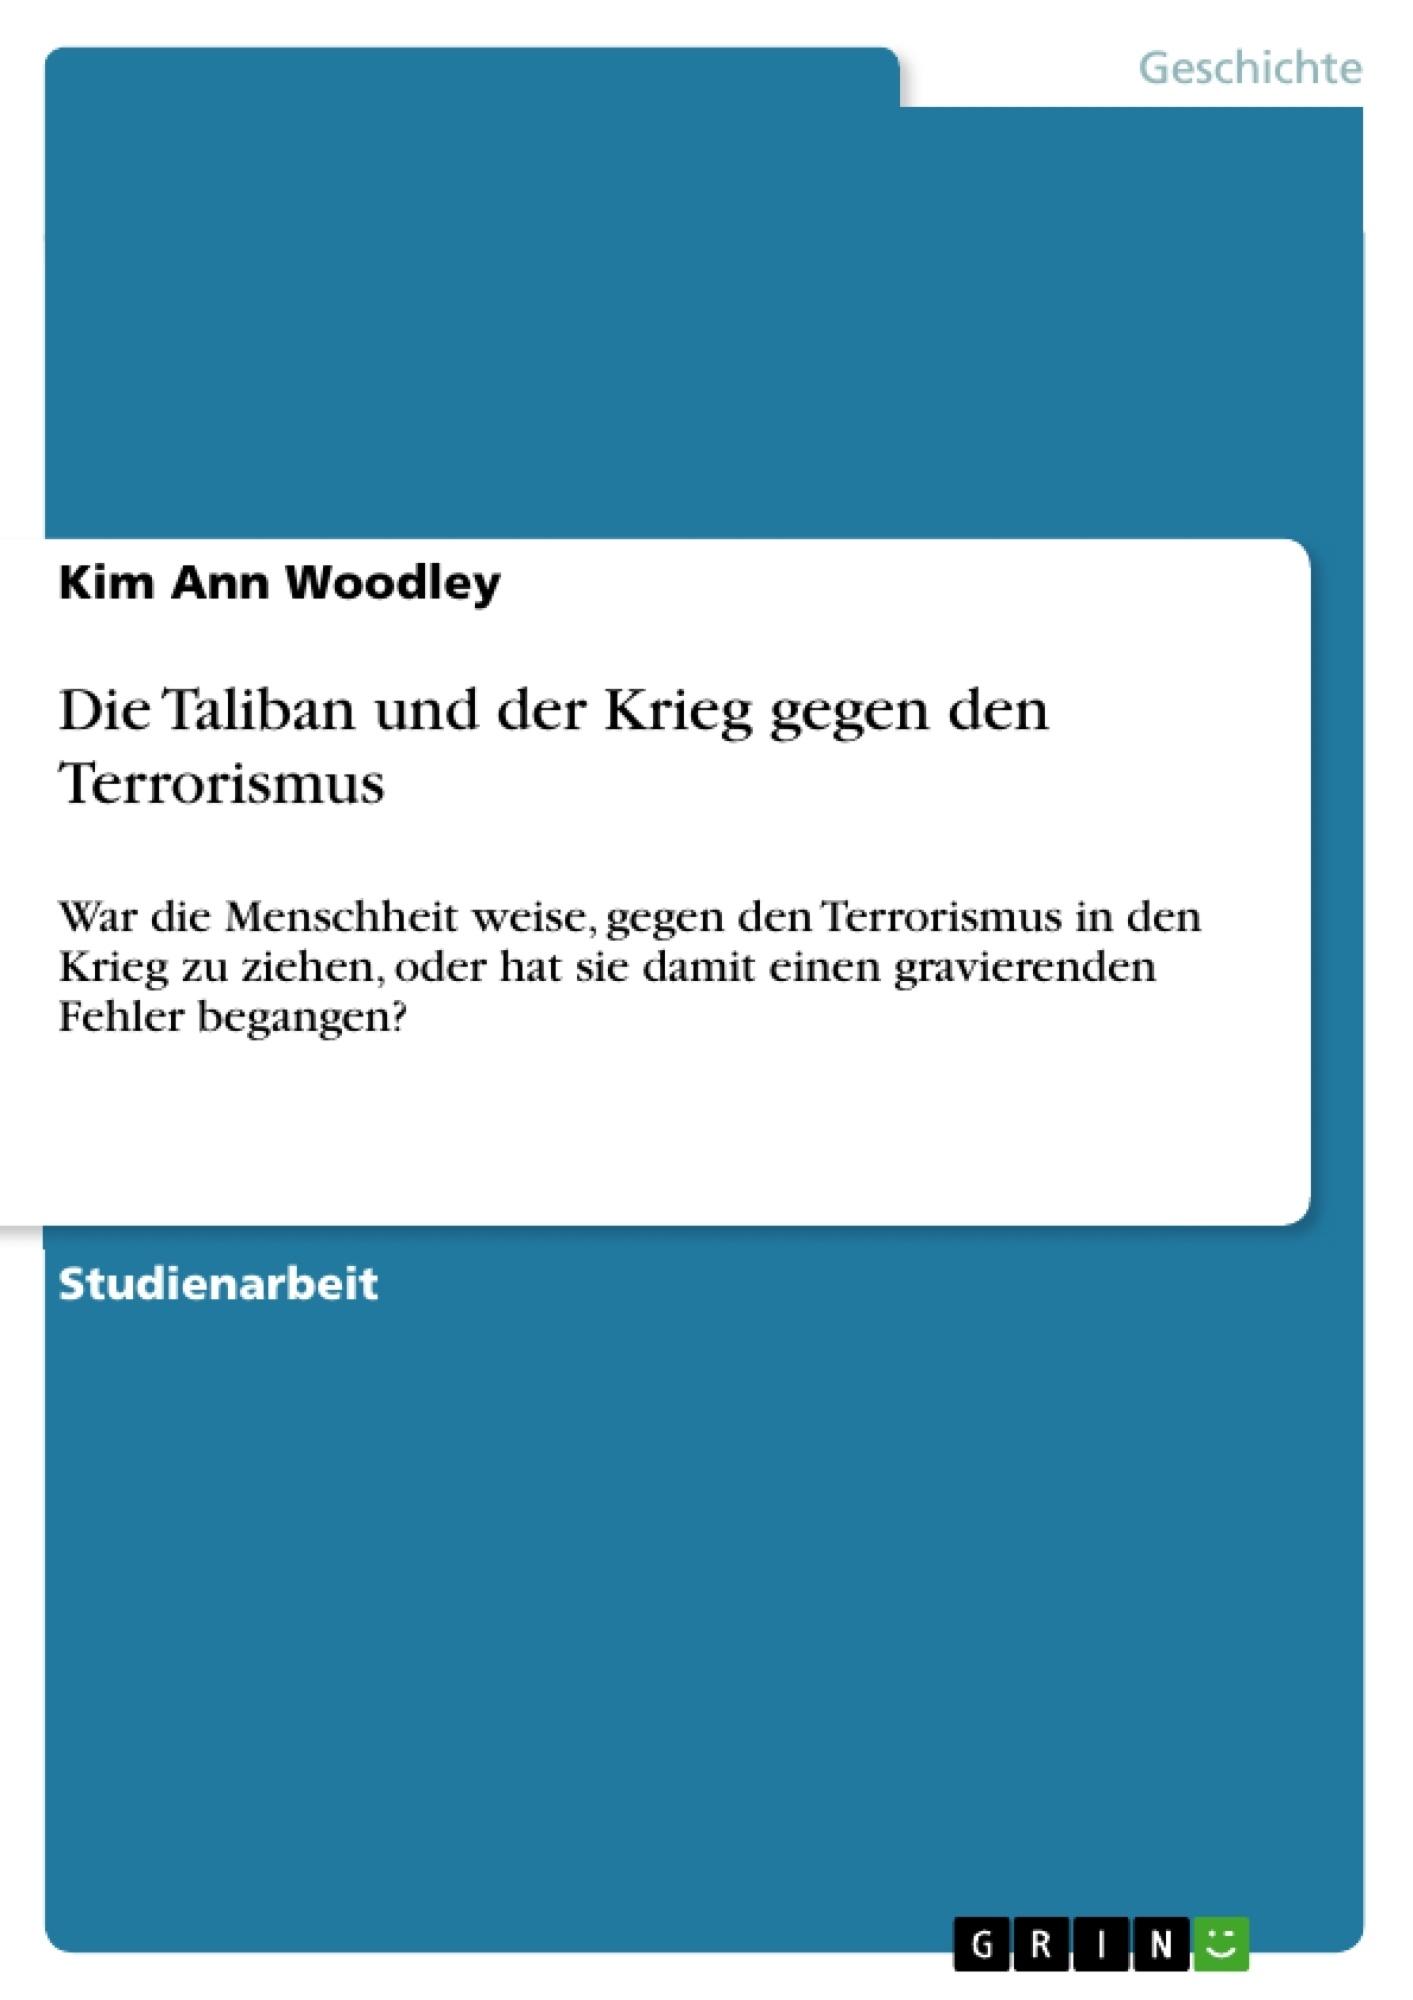 Titel: Die Taliban und der Krieg gegen den Terrorismus